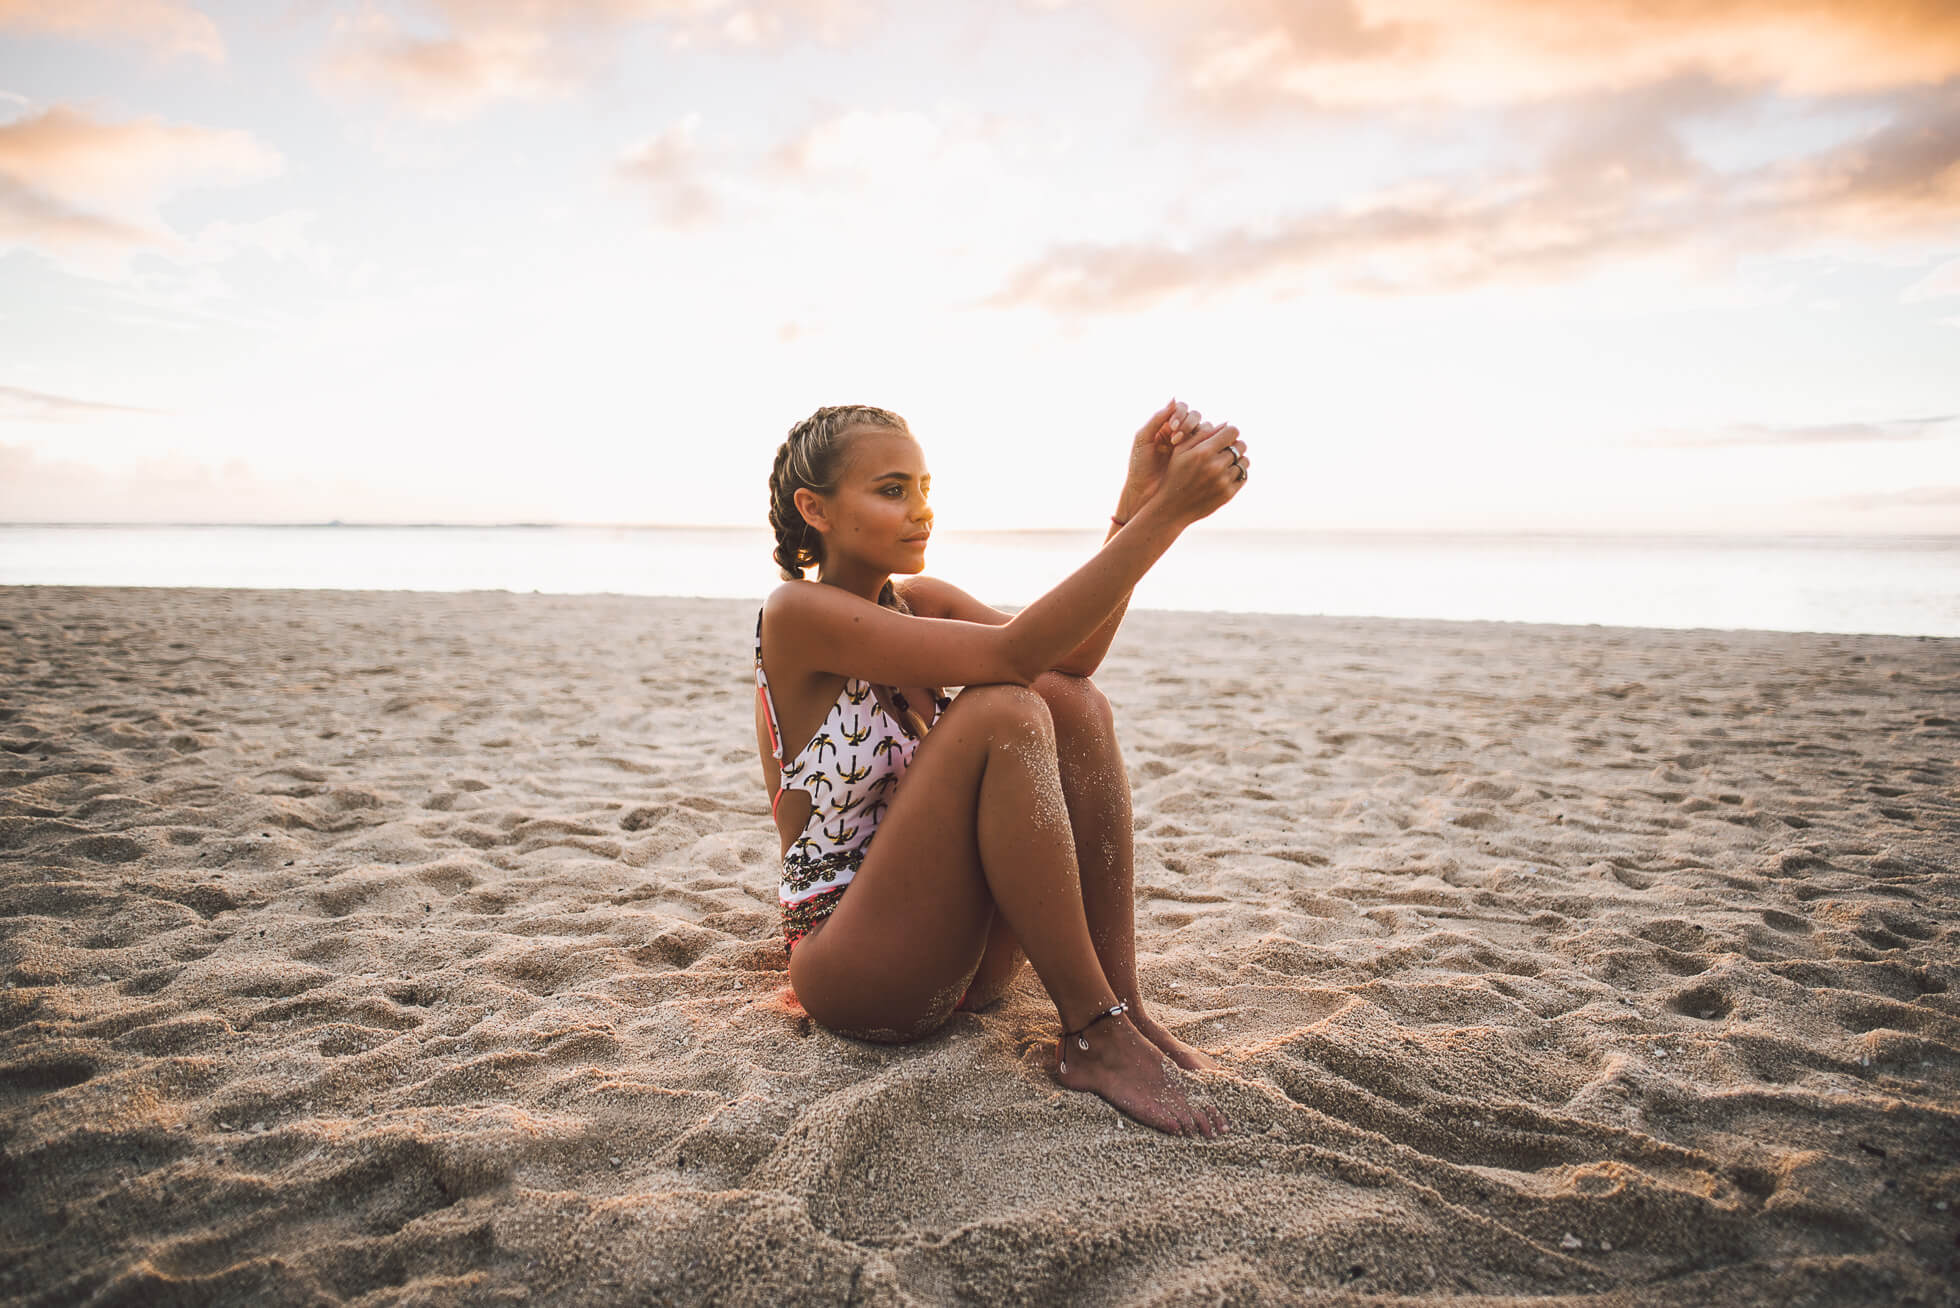 janni-deler-sunset-mauritiusDSC_4754-Redigera